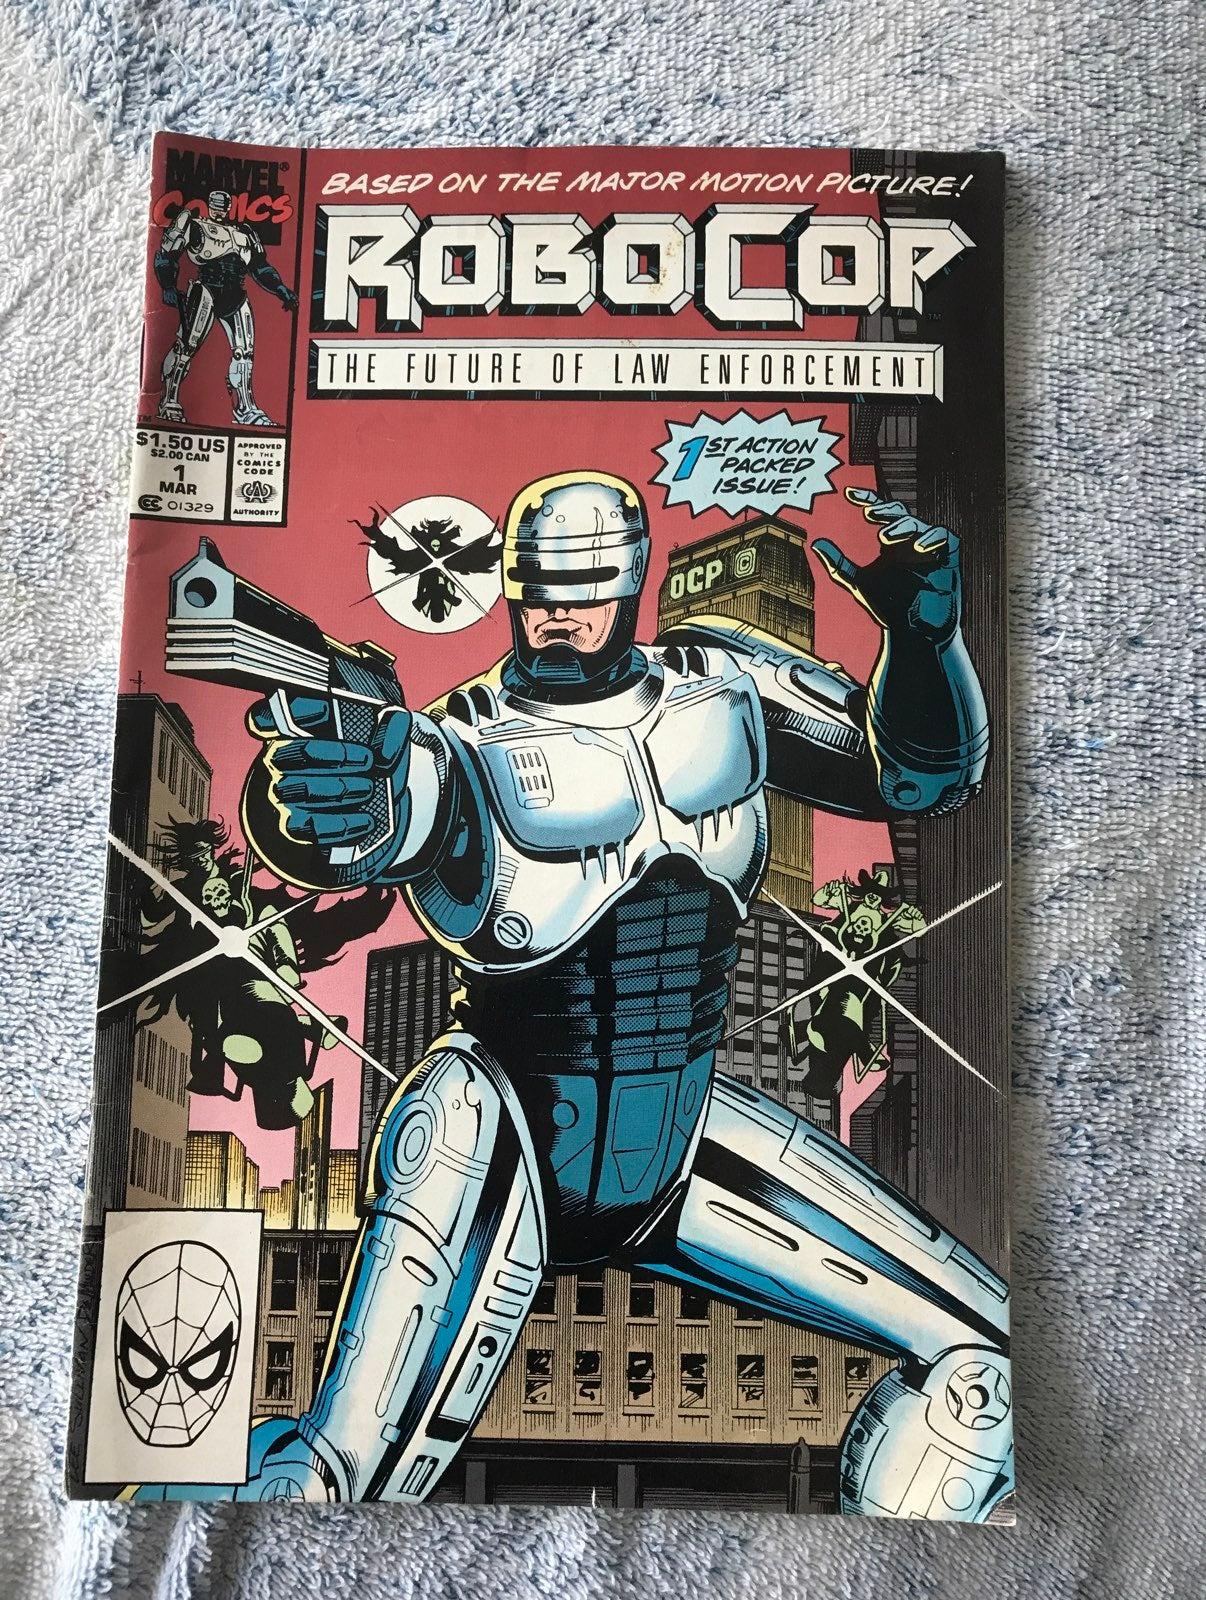 Robocop vol 1 No 1 March 1990 Comic